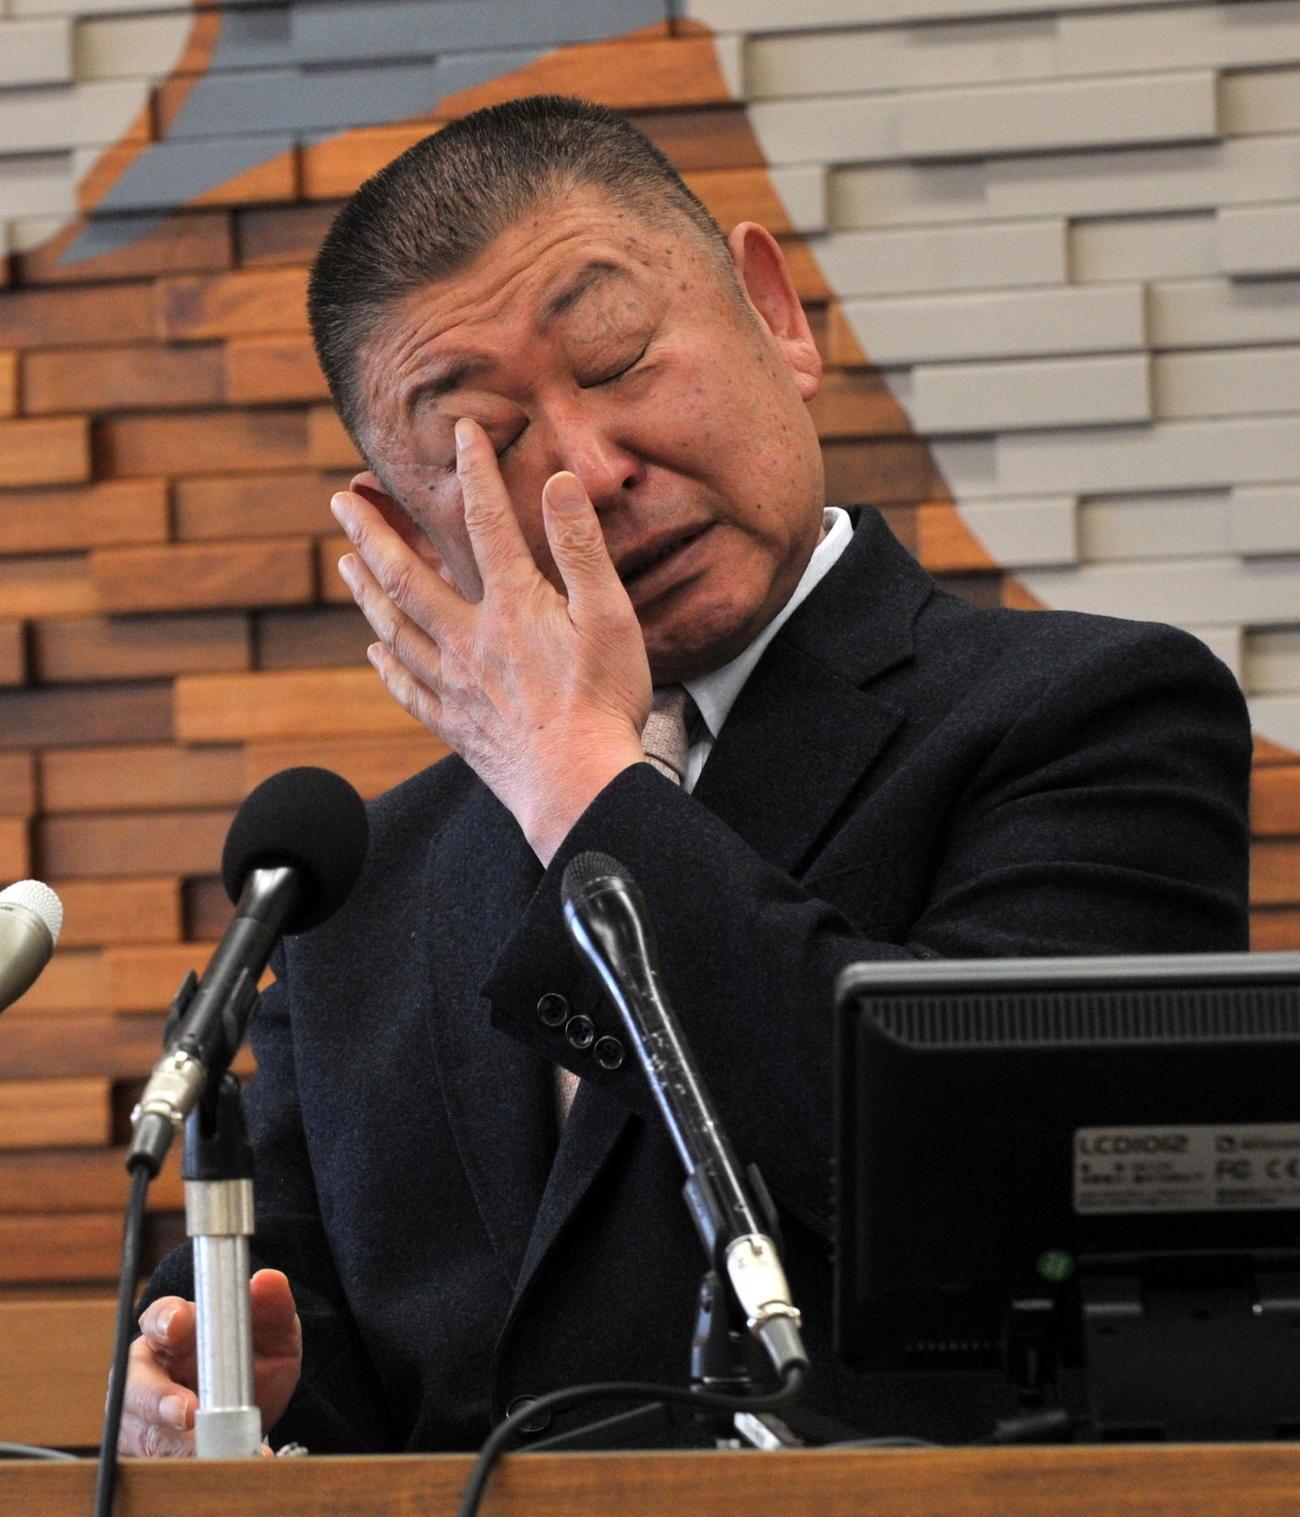 東北福祉大ゴルフ部の阿部監督は優勝した松山から表彰式前に電話があったことを明かして涙ぐむ